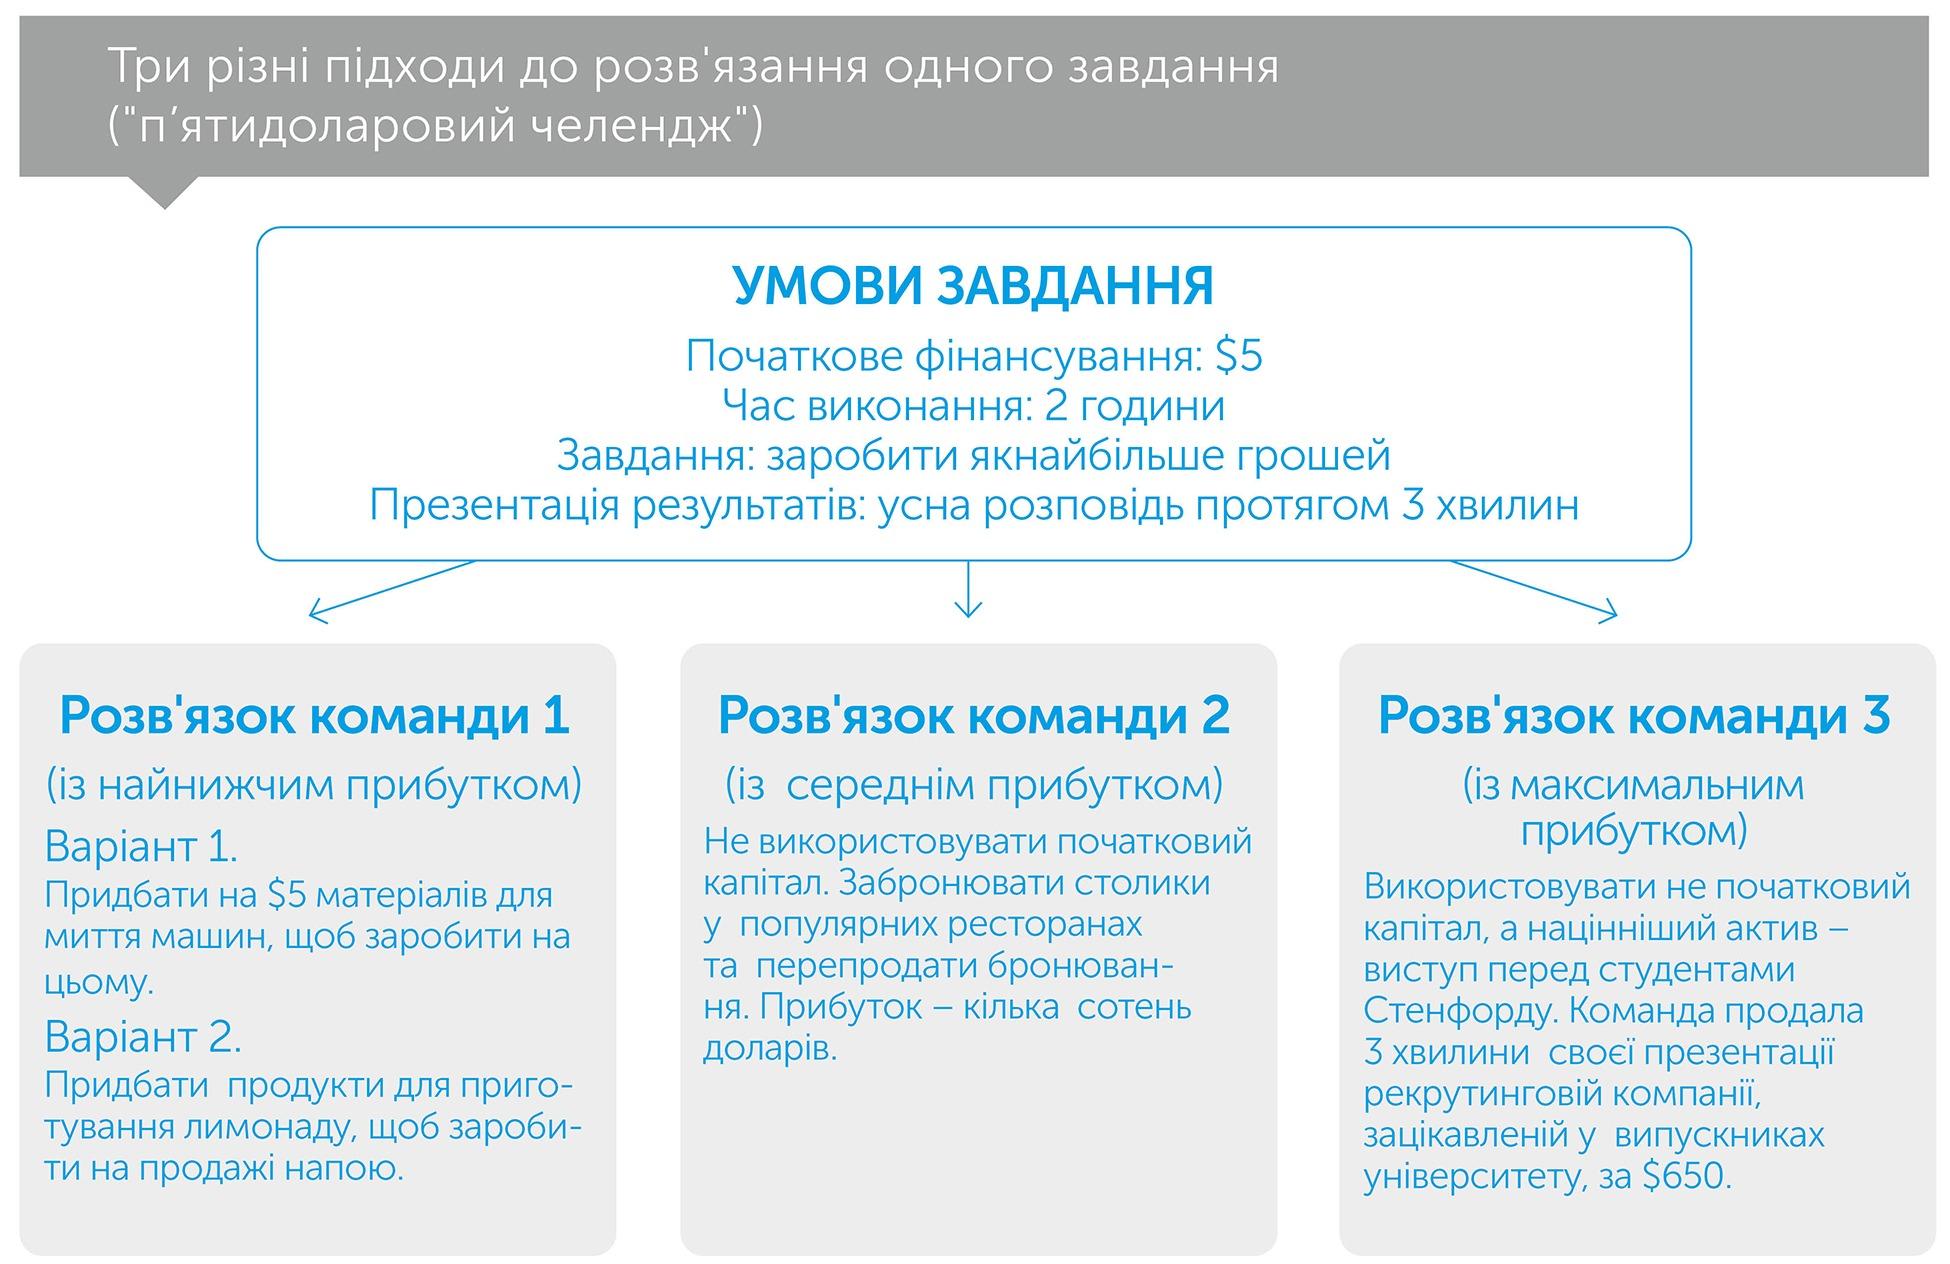 Думай, як ракетобудівник, автор Озан Варол | Kyivstar Business Hub, зображення №3